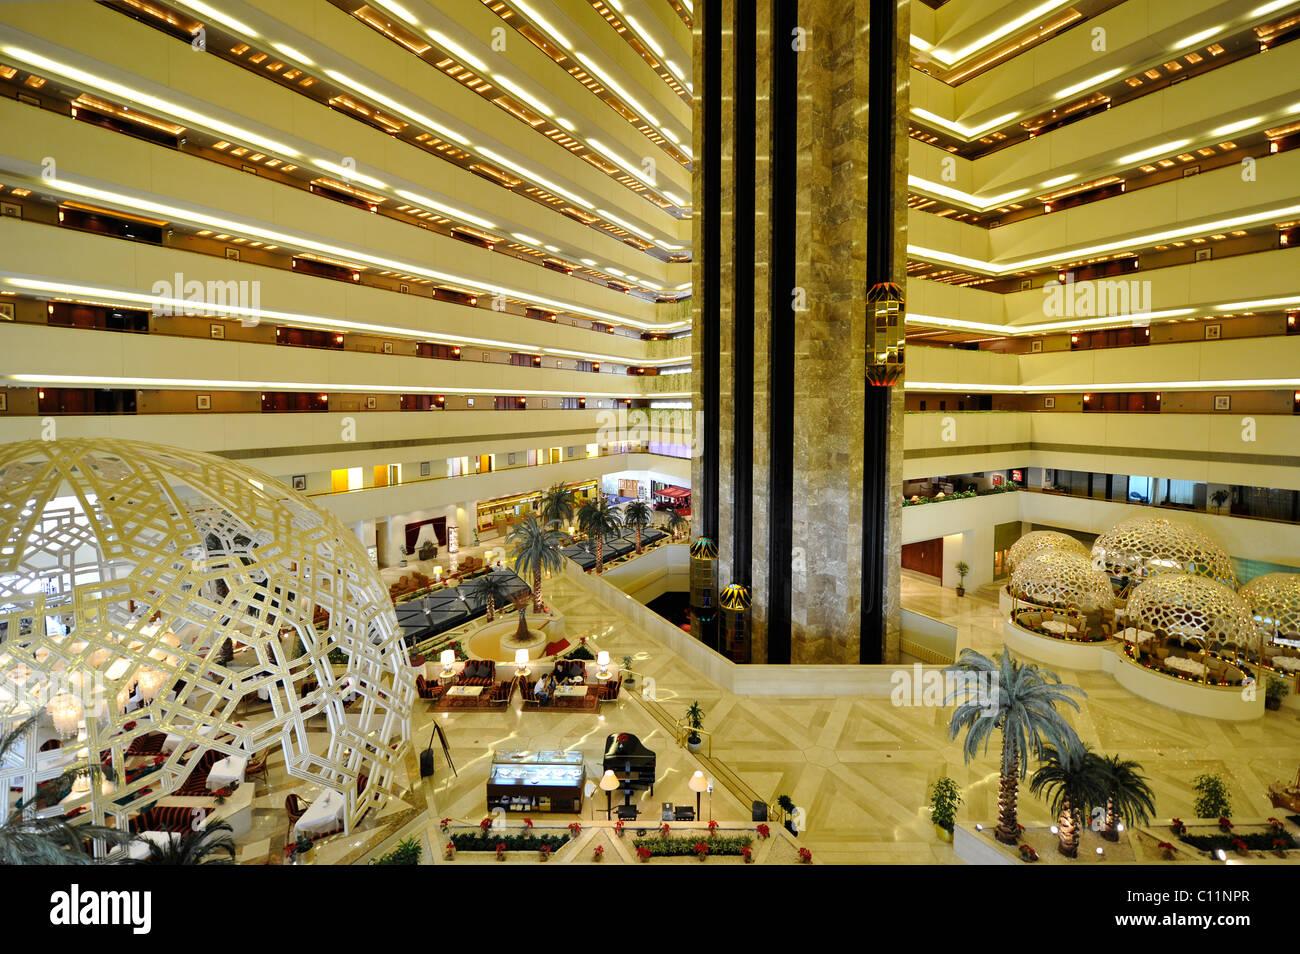 Interno, ascensori, Hotel Sheraton Doha, Qatar, Golfo Persico, Medio Oriente e Asia Immagini Stock